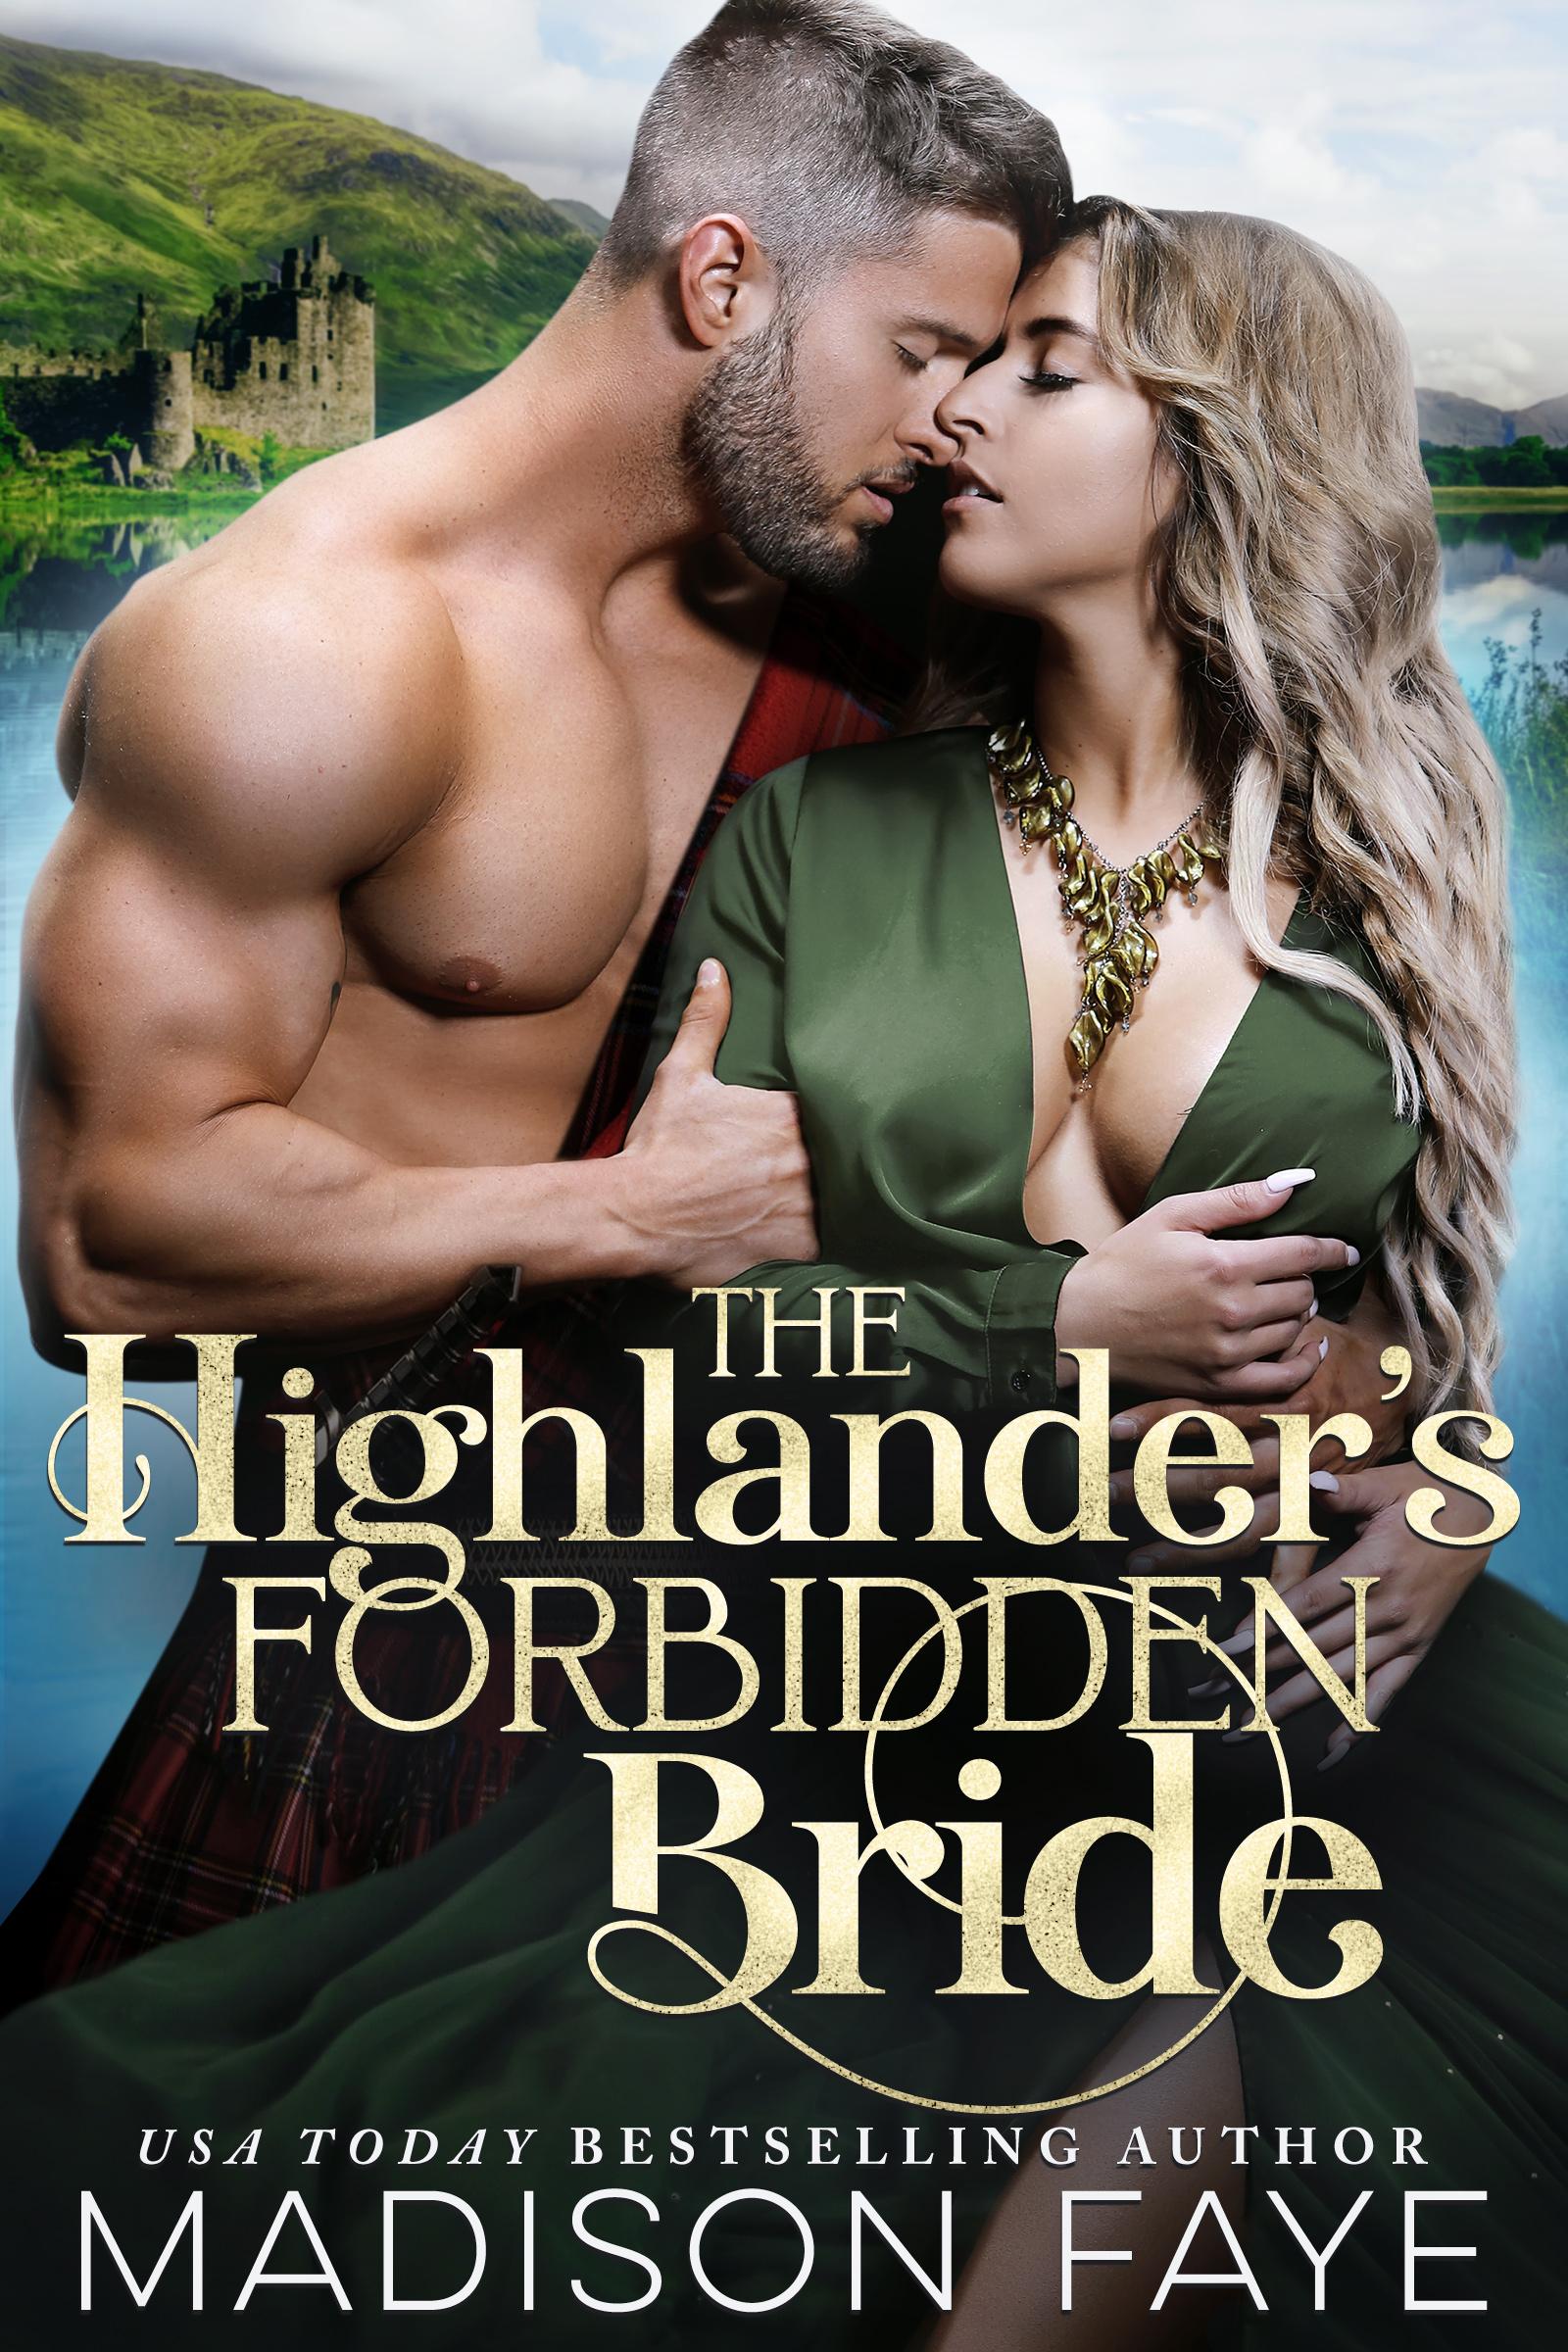 MF_HighlandersForbiddenBride_Ebook.jpg